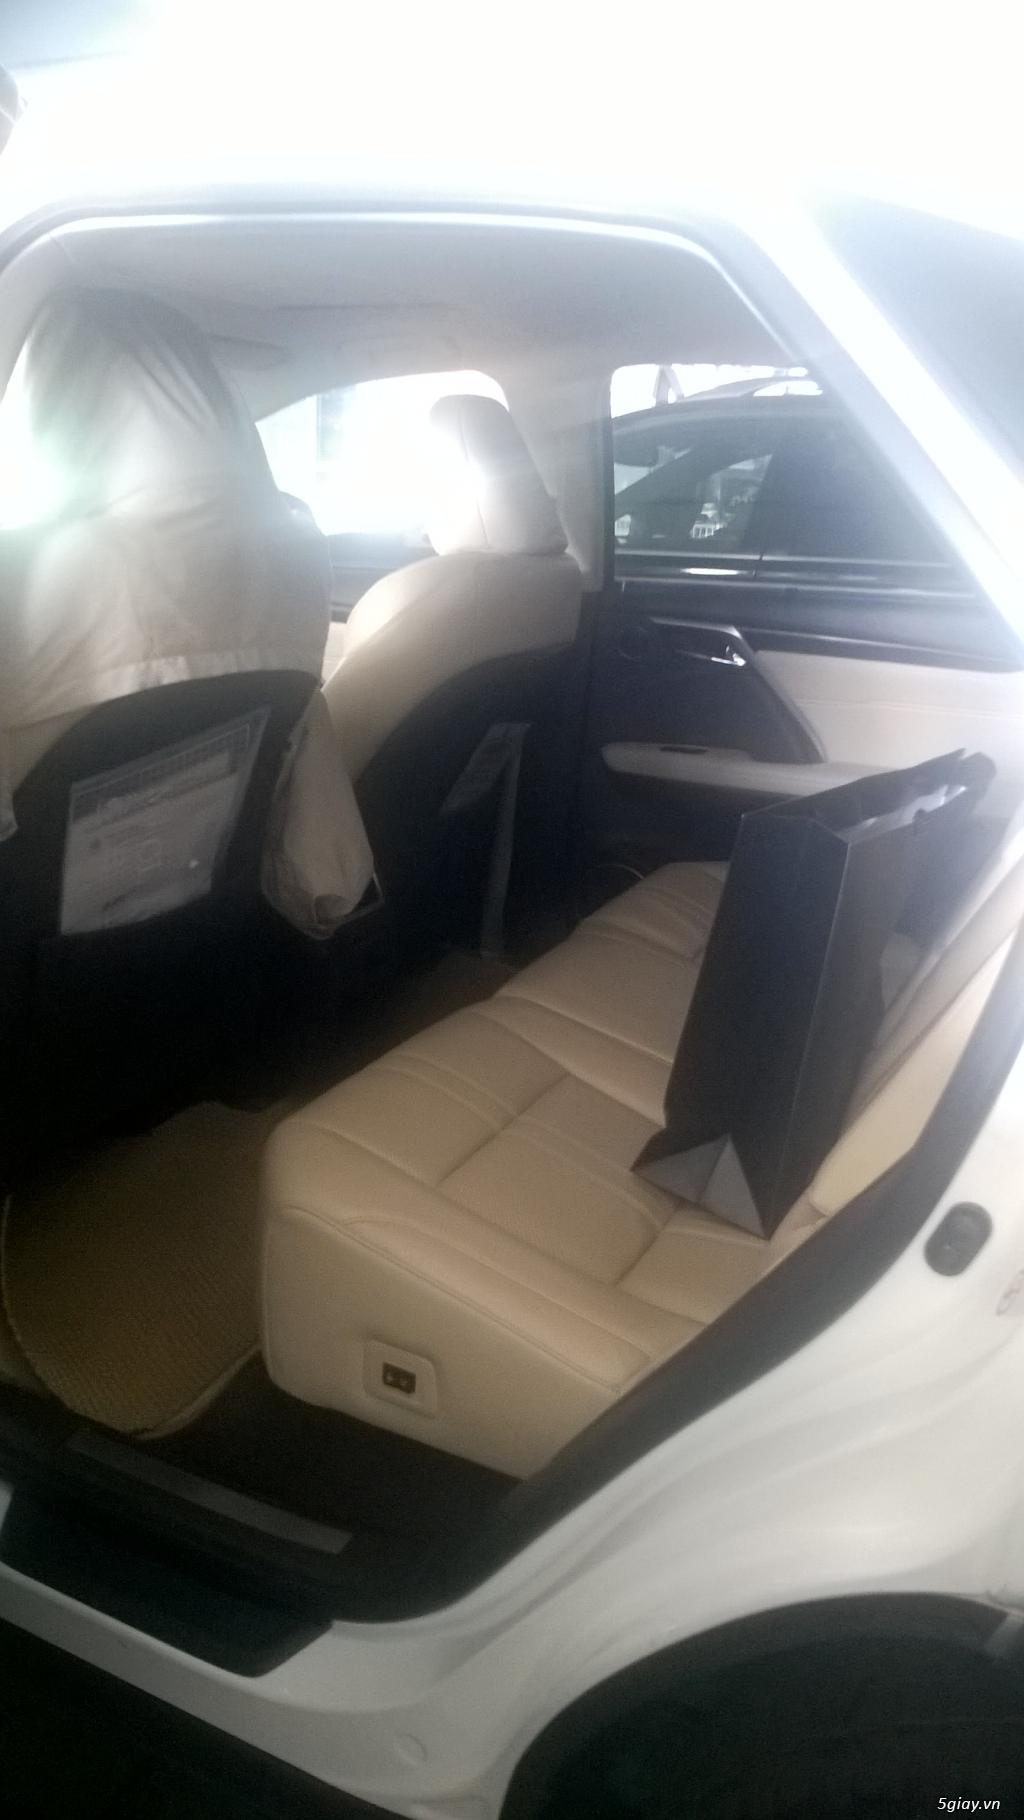 Cần bán Lexus RX200t đời 2015 xe nhà chạy giá 2.8tỷ còn TL - 6